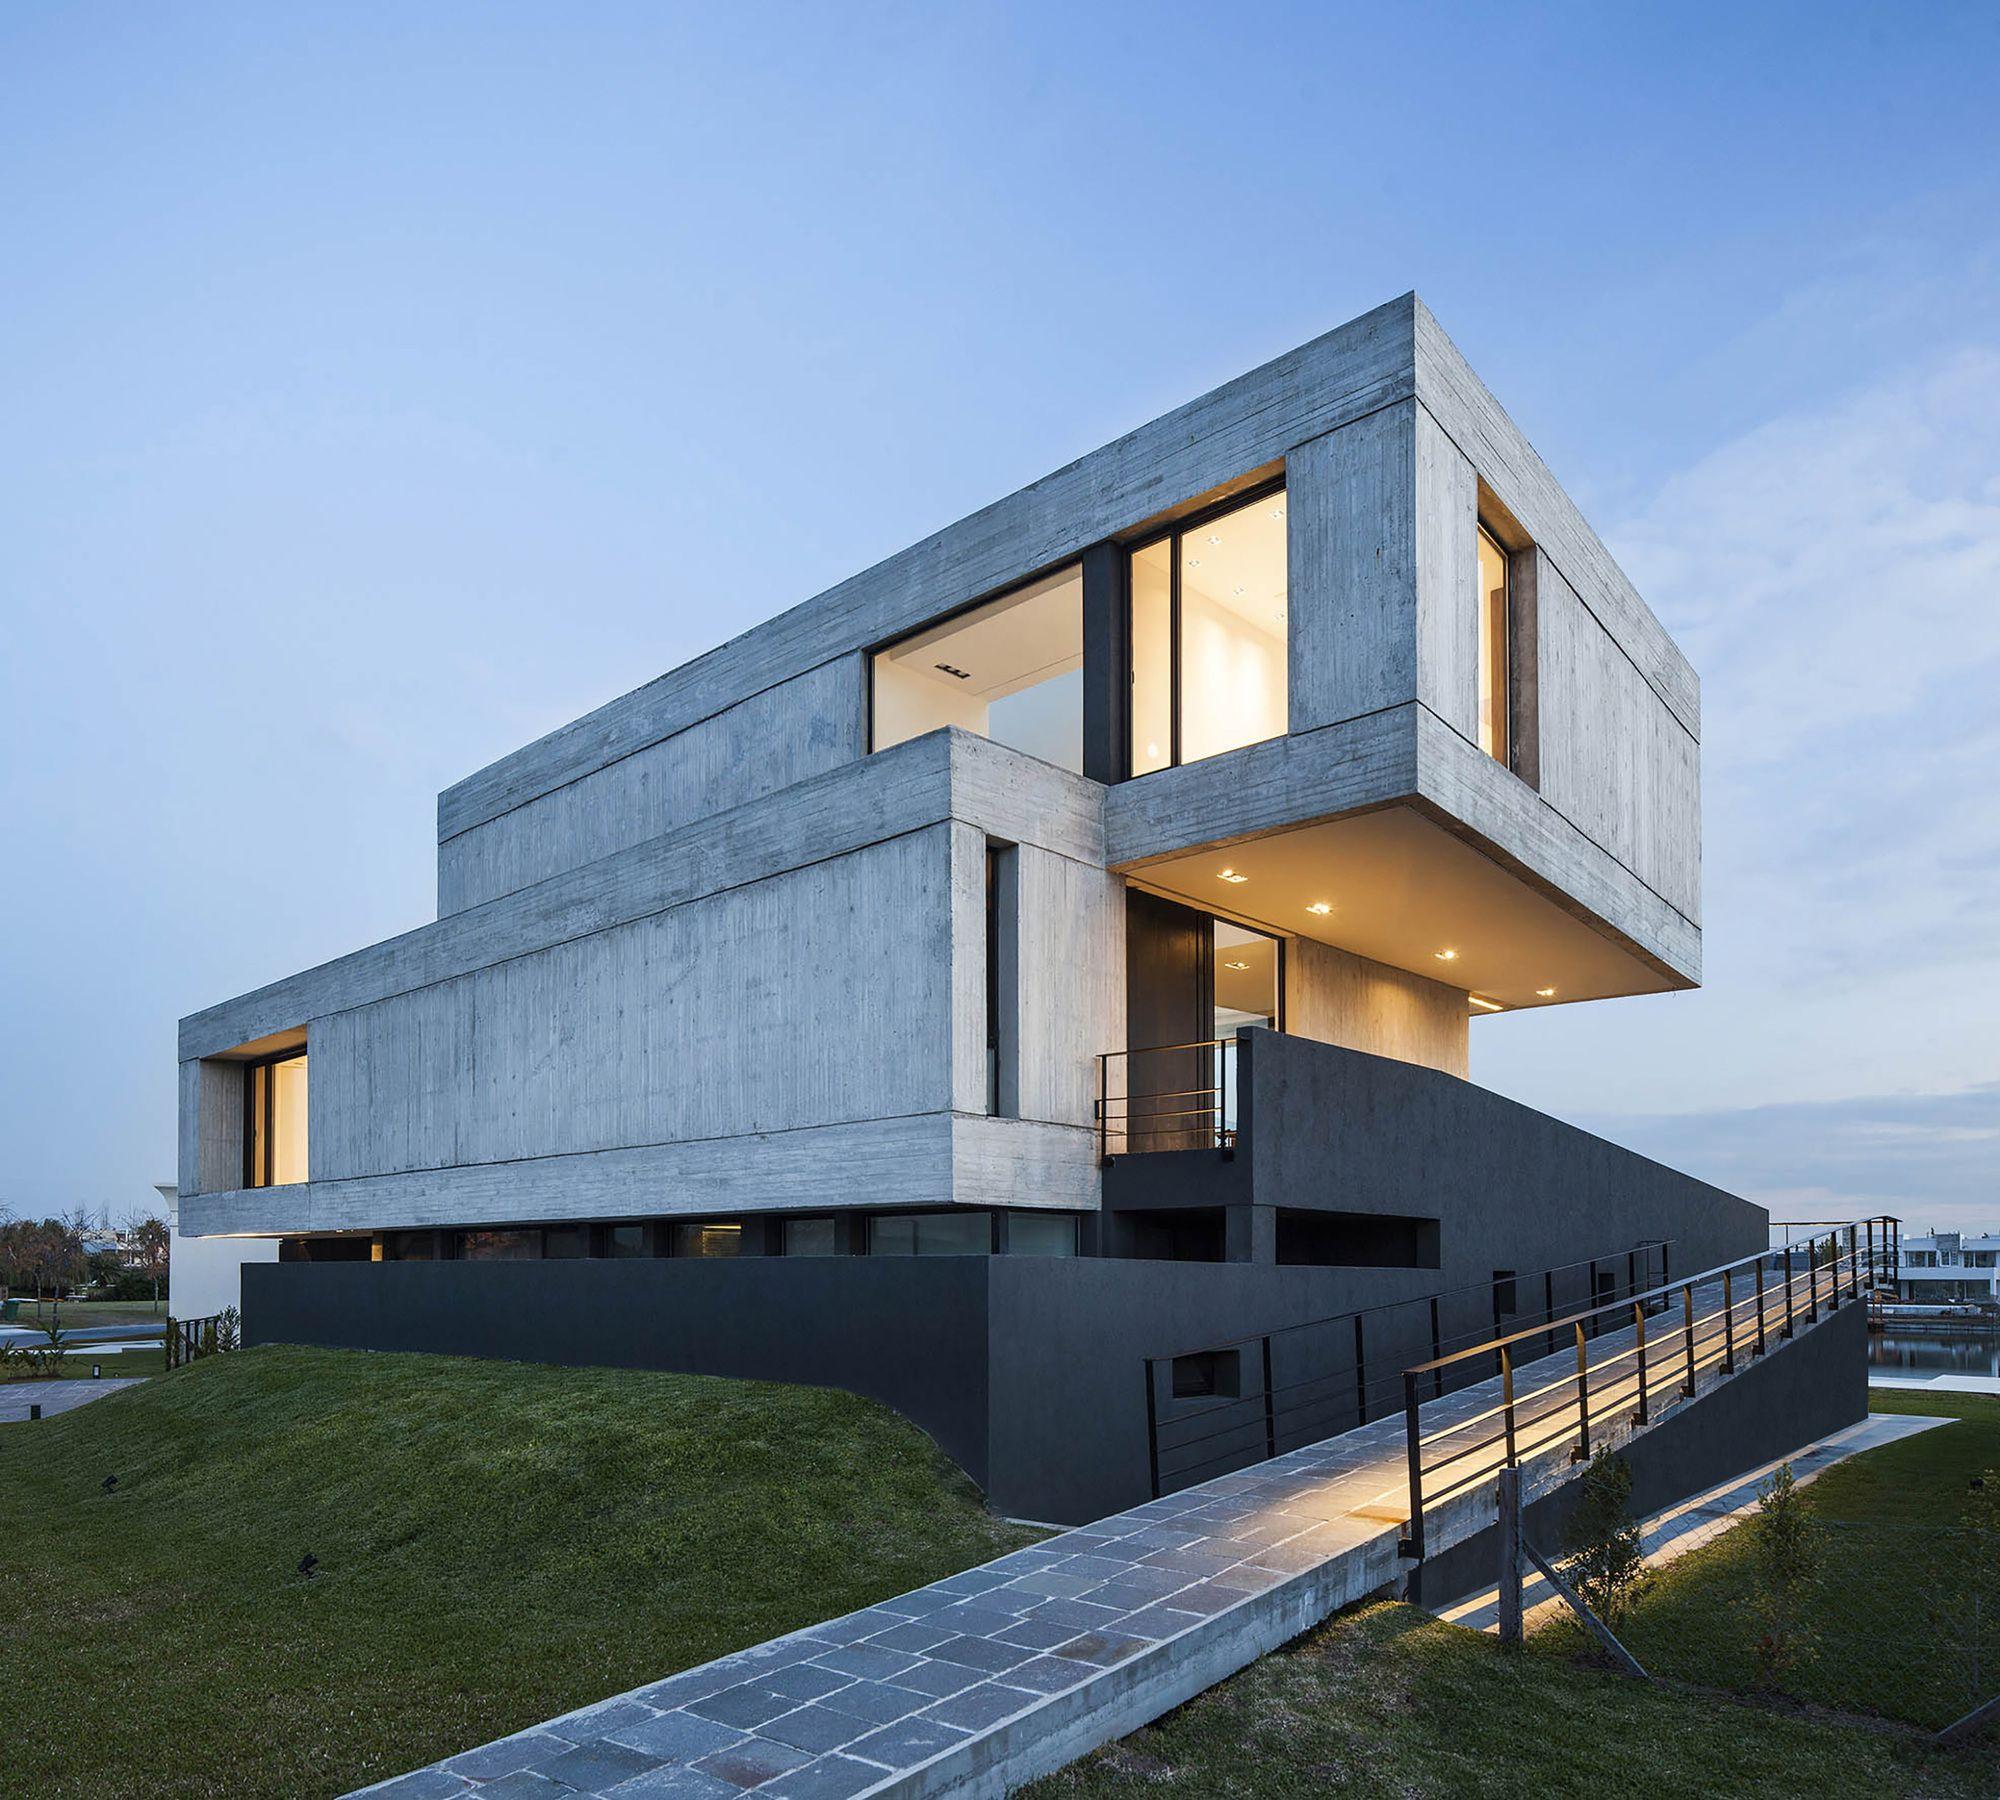 Casa duas caixas remy arquitectos house arquitectura for Casa minimalista barcelona capital